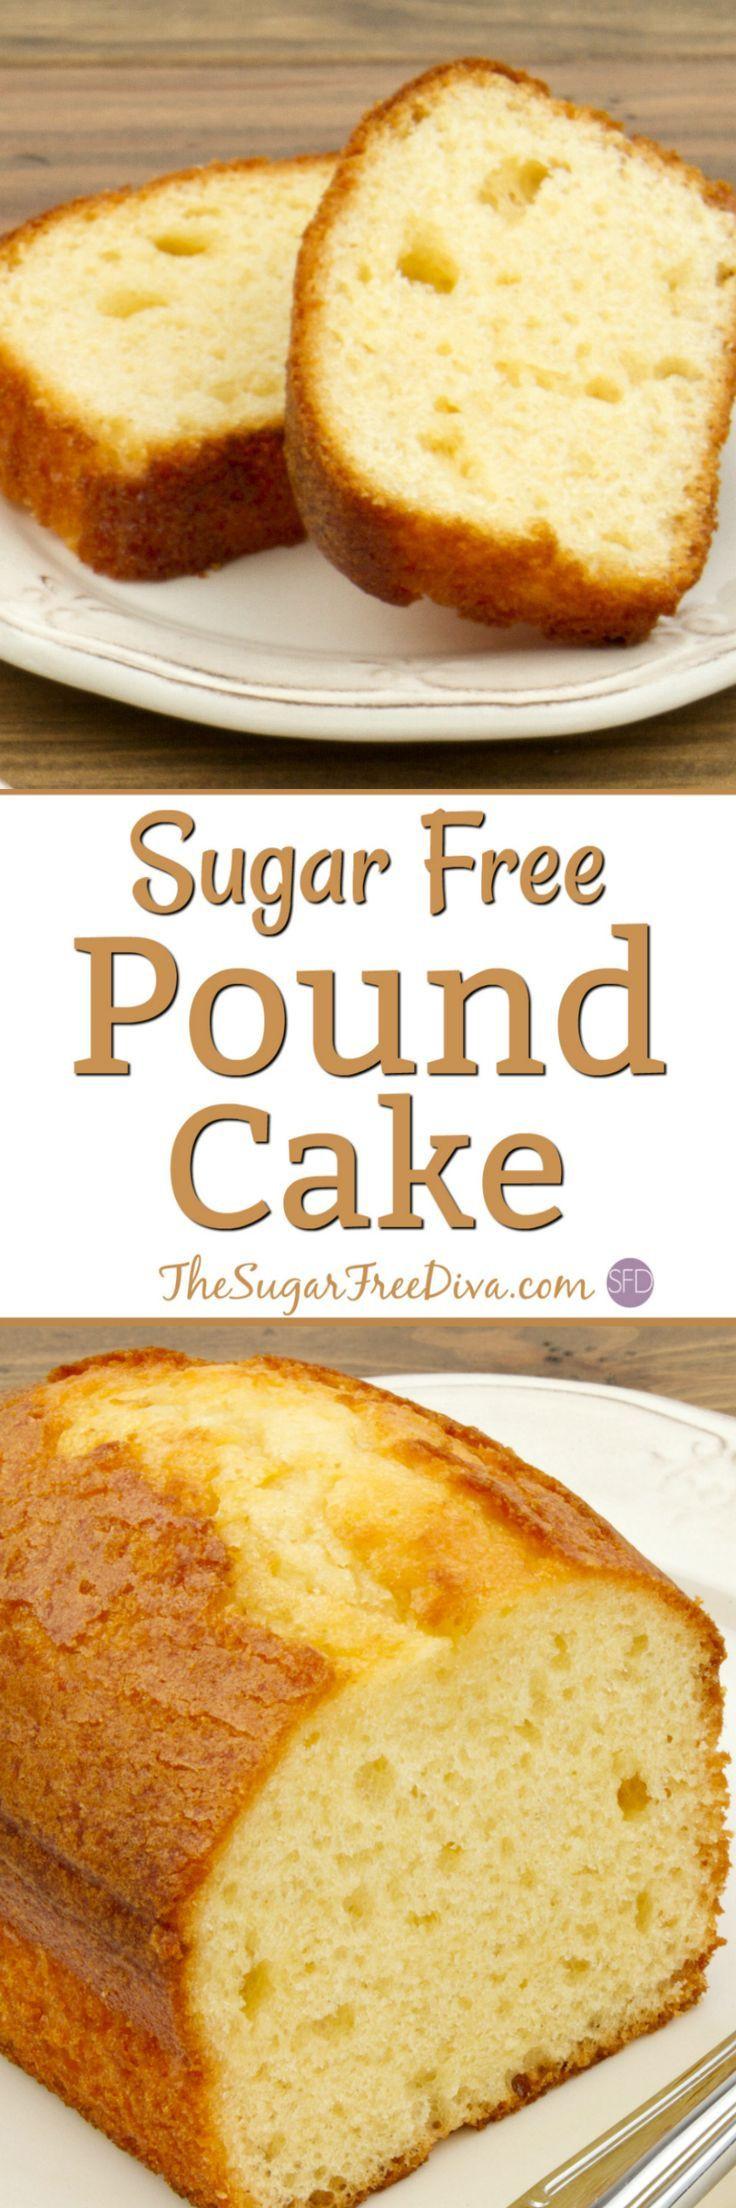 Recette de gâteau de livre diabétique Une recette de gâteau préférée pour beaucoup de gâteaux seulement